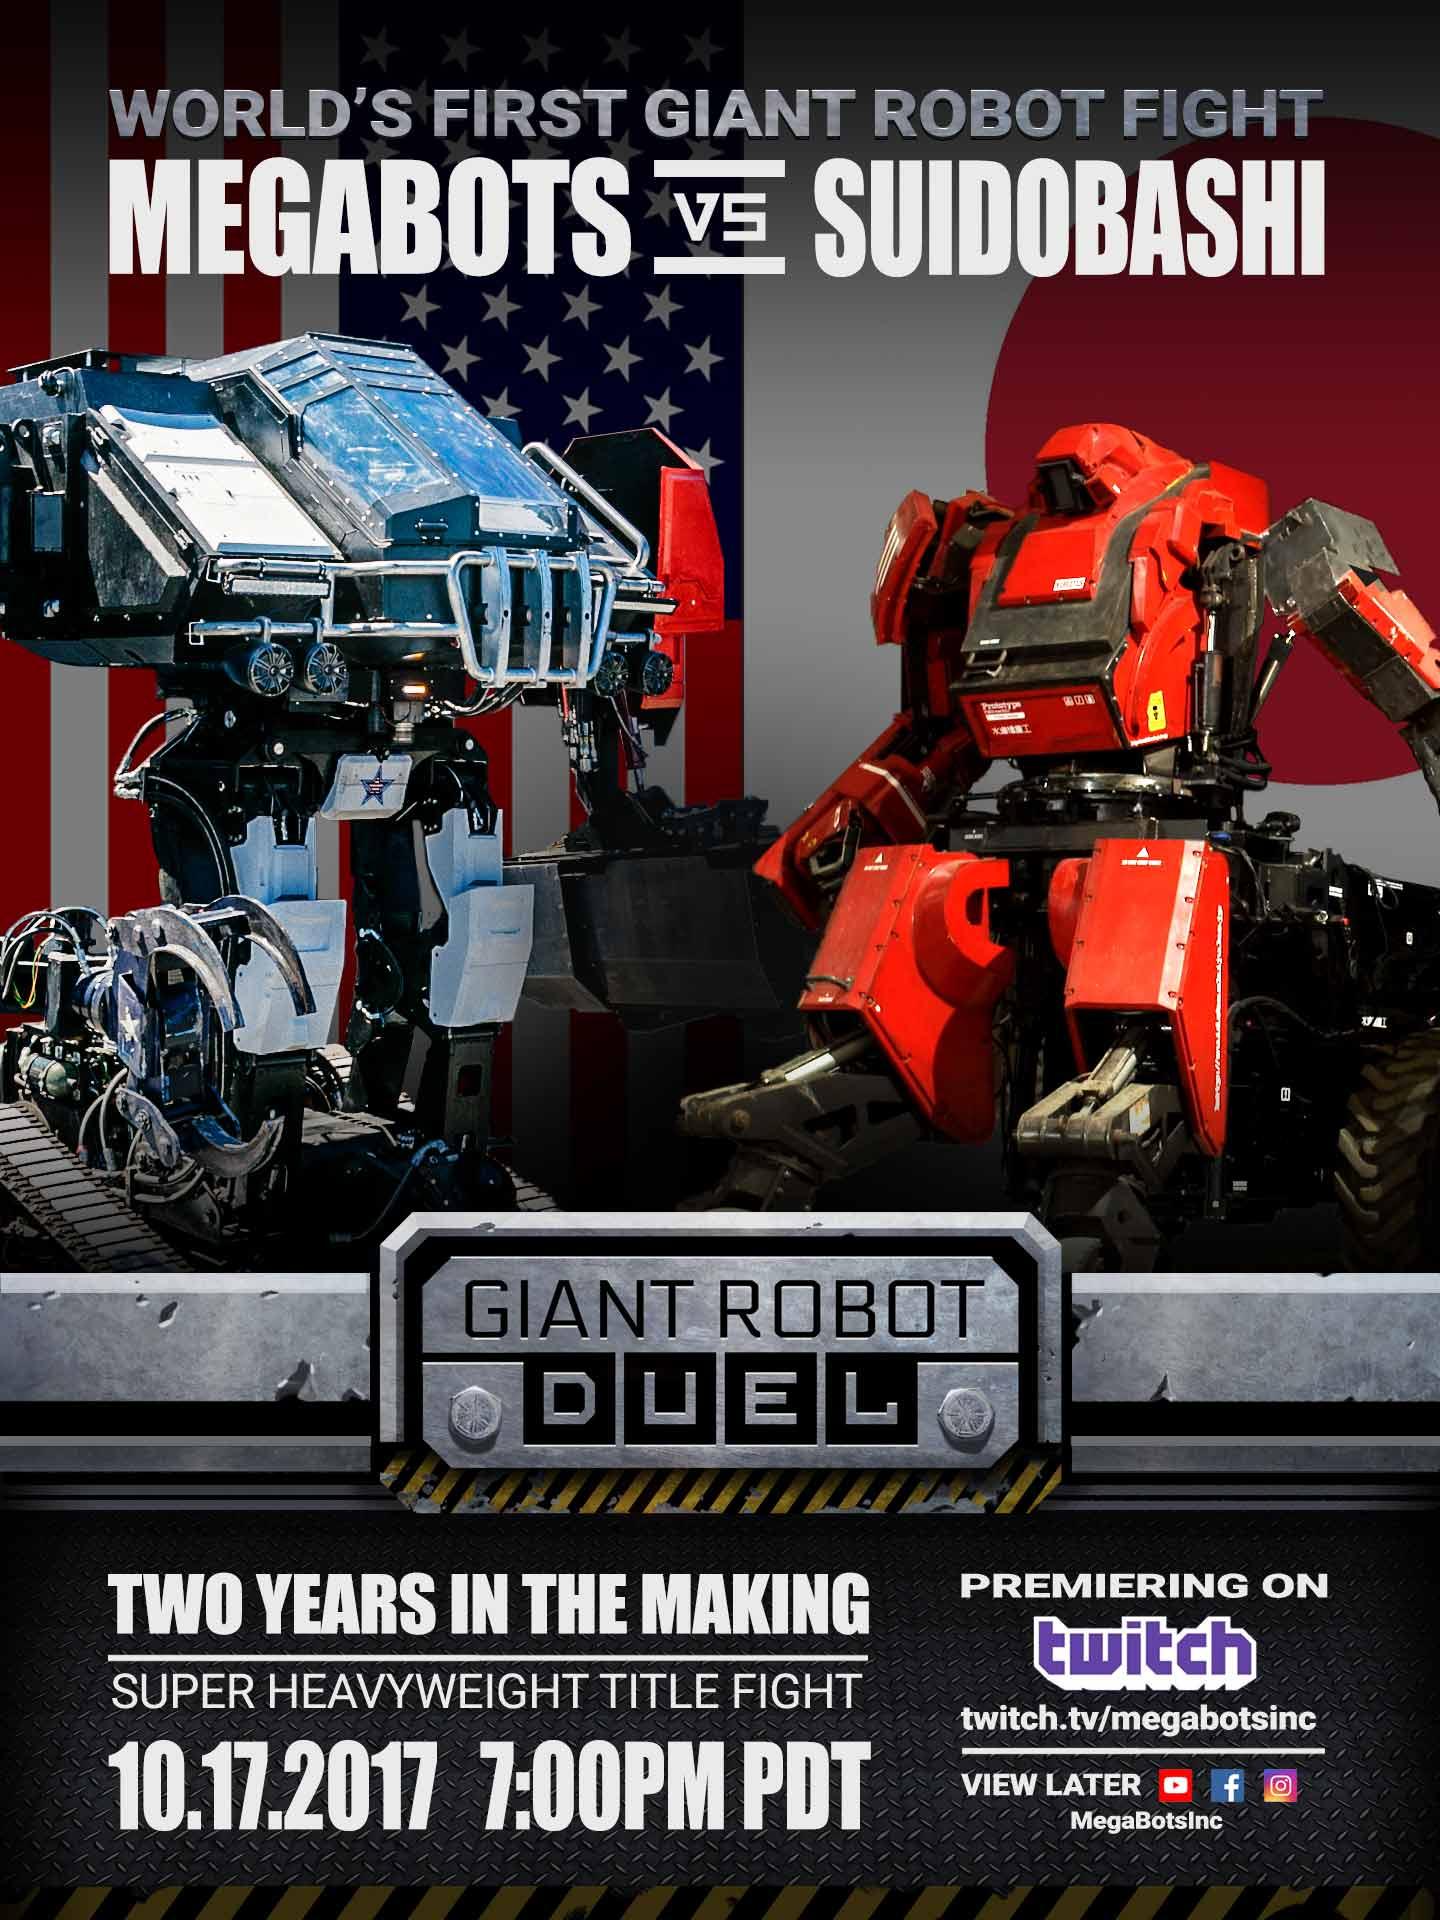 MEGABOTS: USA vs JAPAN - An Epic Manned Robot Duel Begins